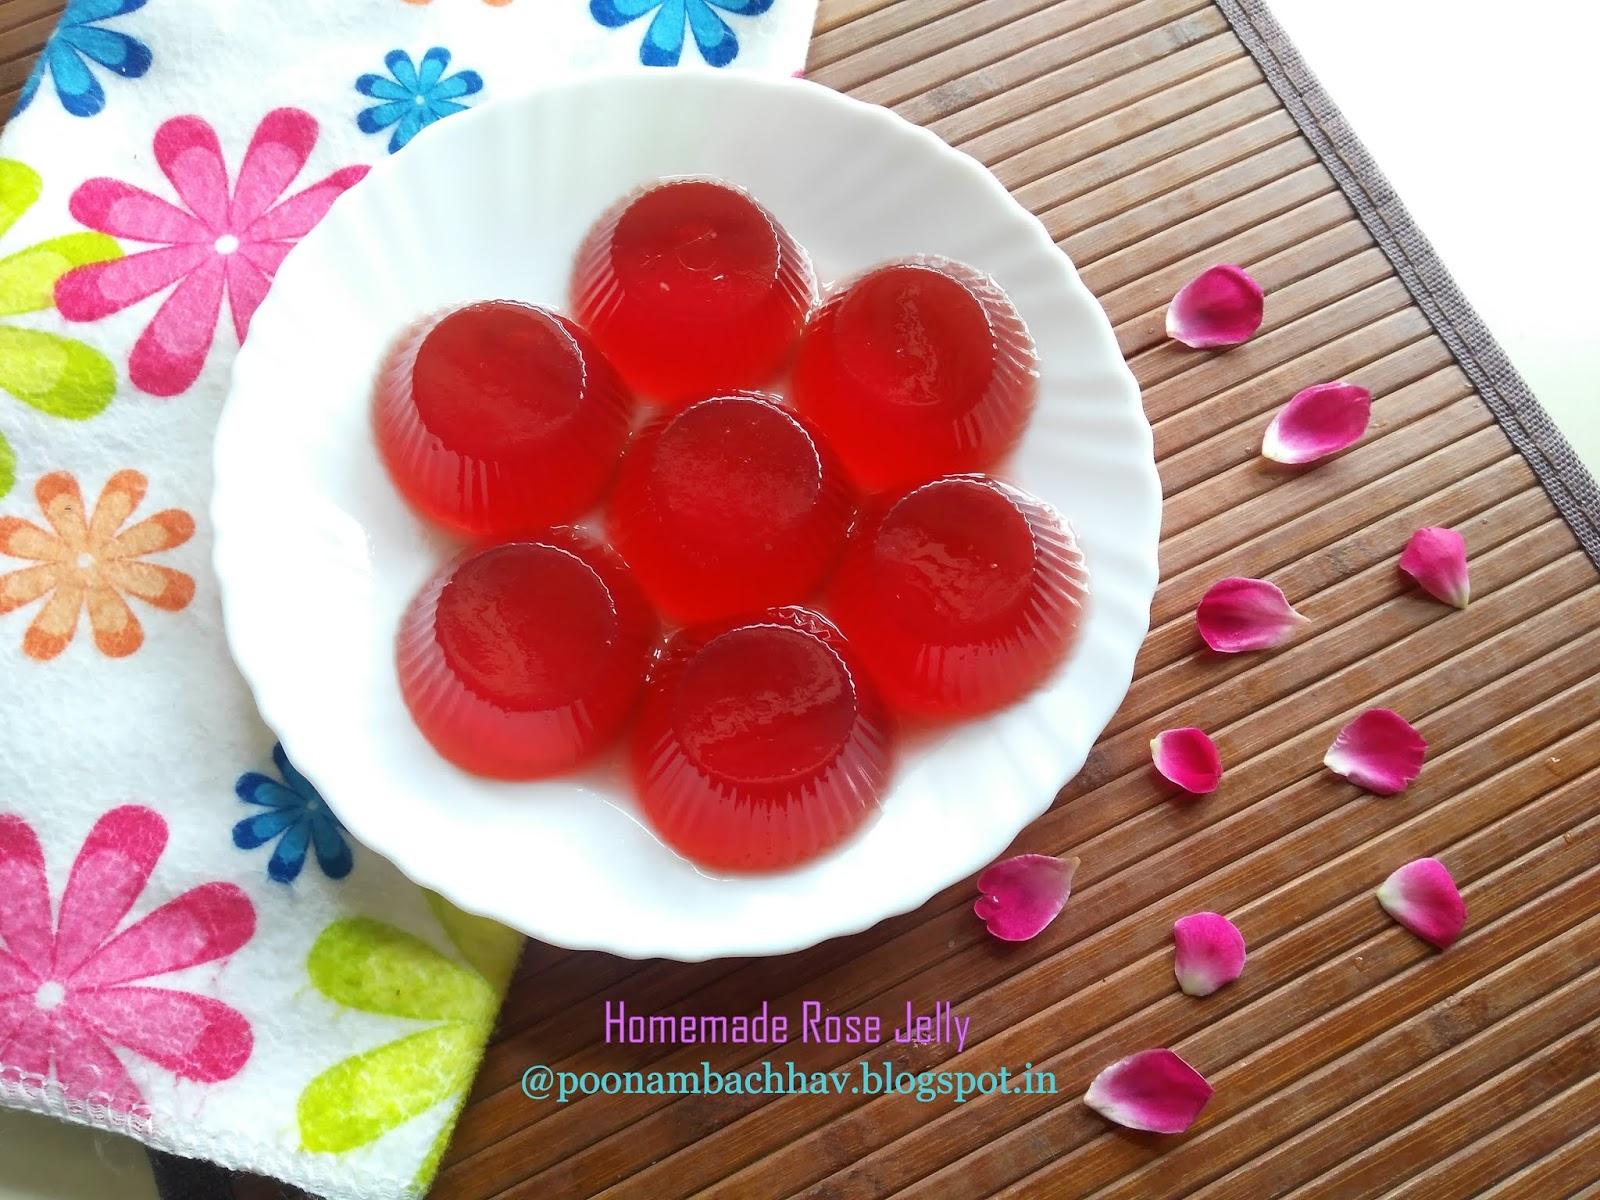 Annapurna Homemade Rose Jelly With Agar Agar